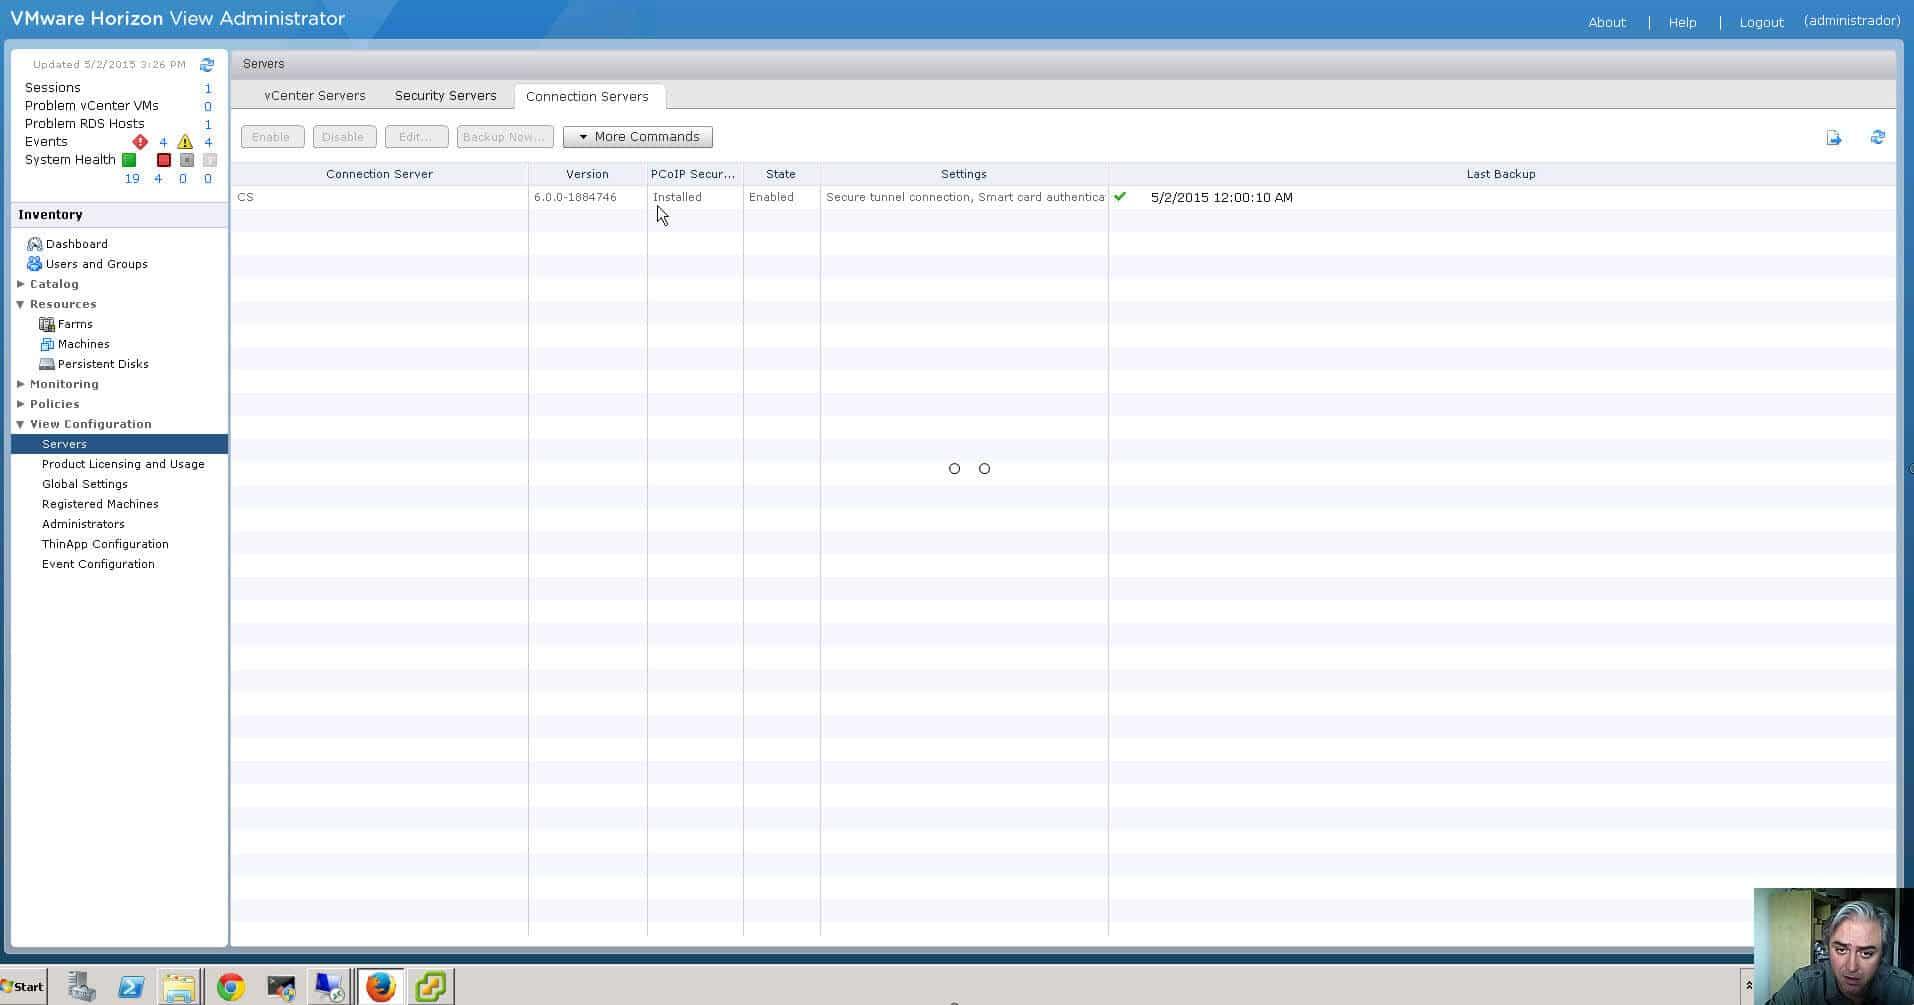 ¿Cómo actualizar VMware View Horizon de versión?